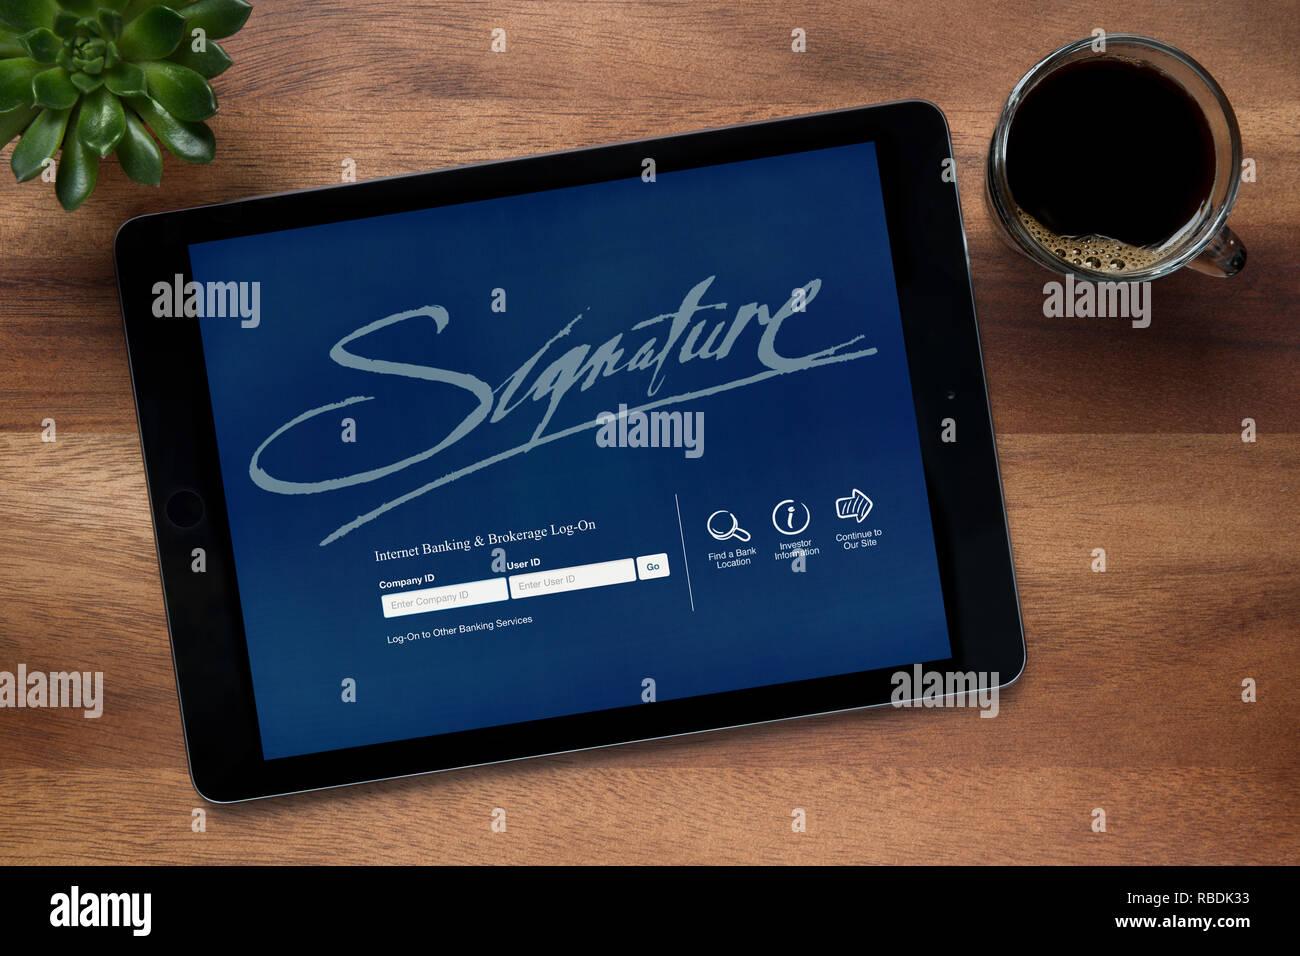 El sitio web de la firma Internet Banking es visto en un iPad, descansando sobre una tabla de madera (uso Editorial solamente). Imagen De Stock